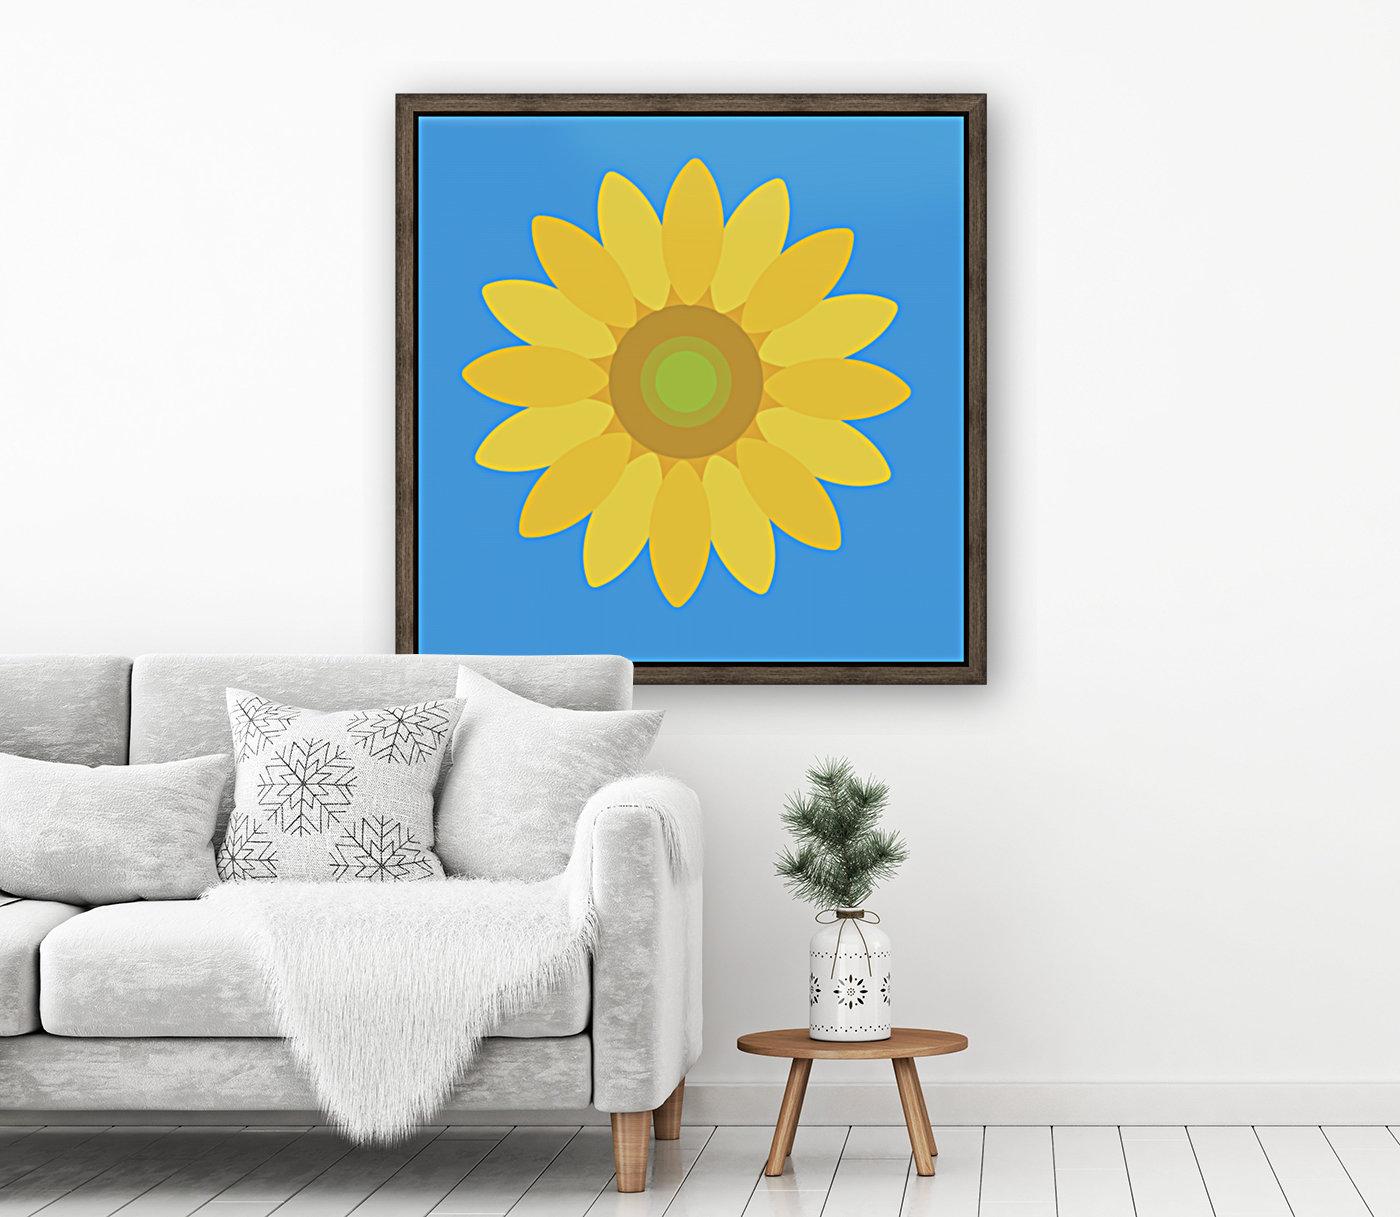 Sunflower (13)_1559876665.7609  Art